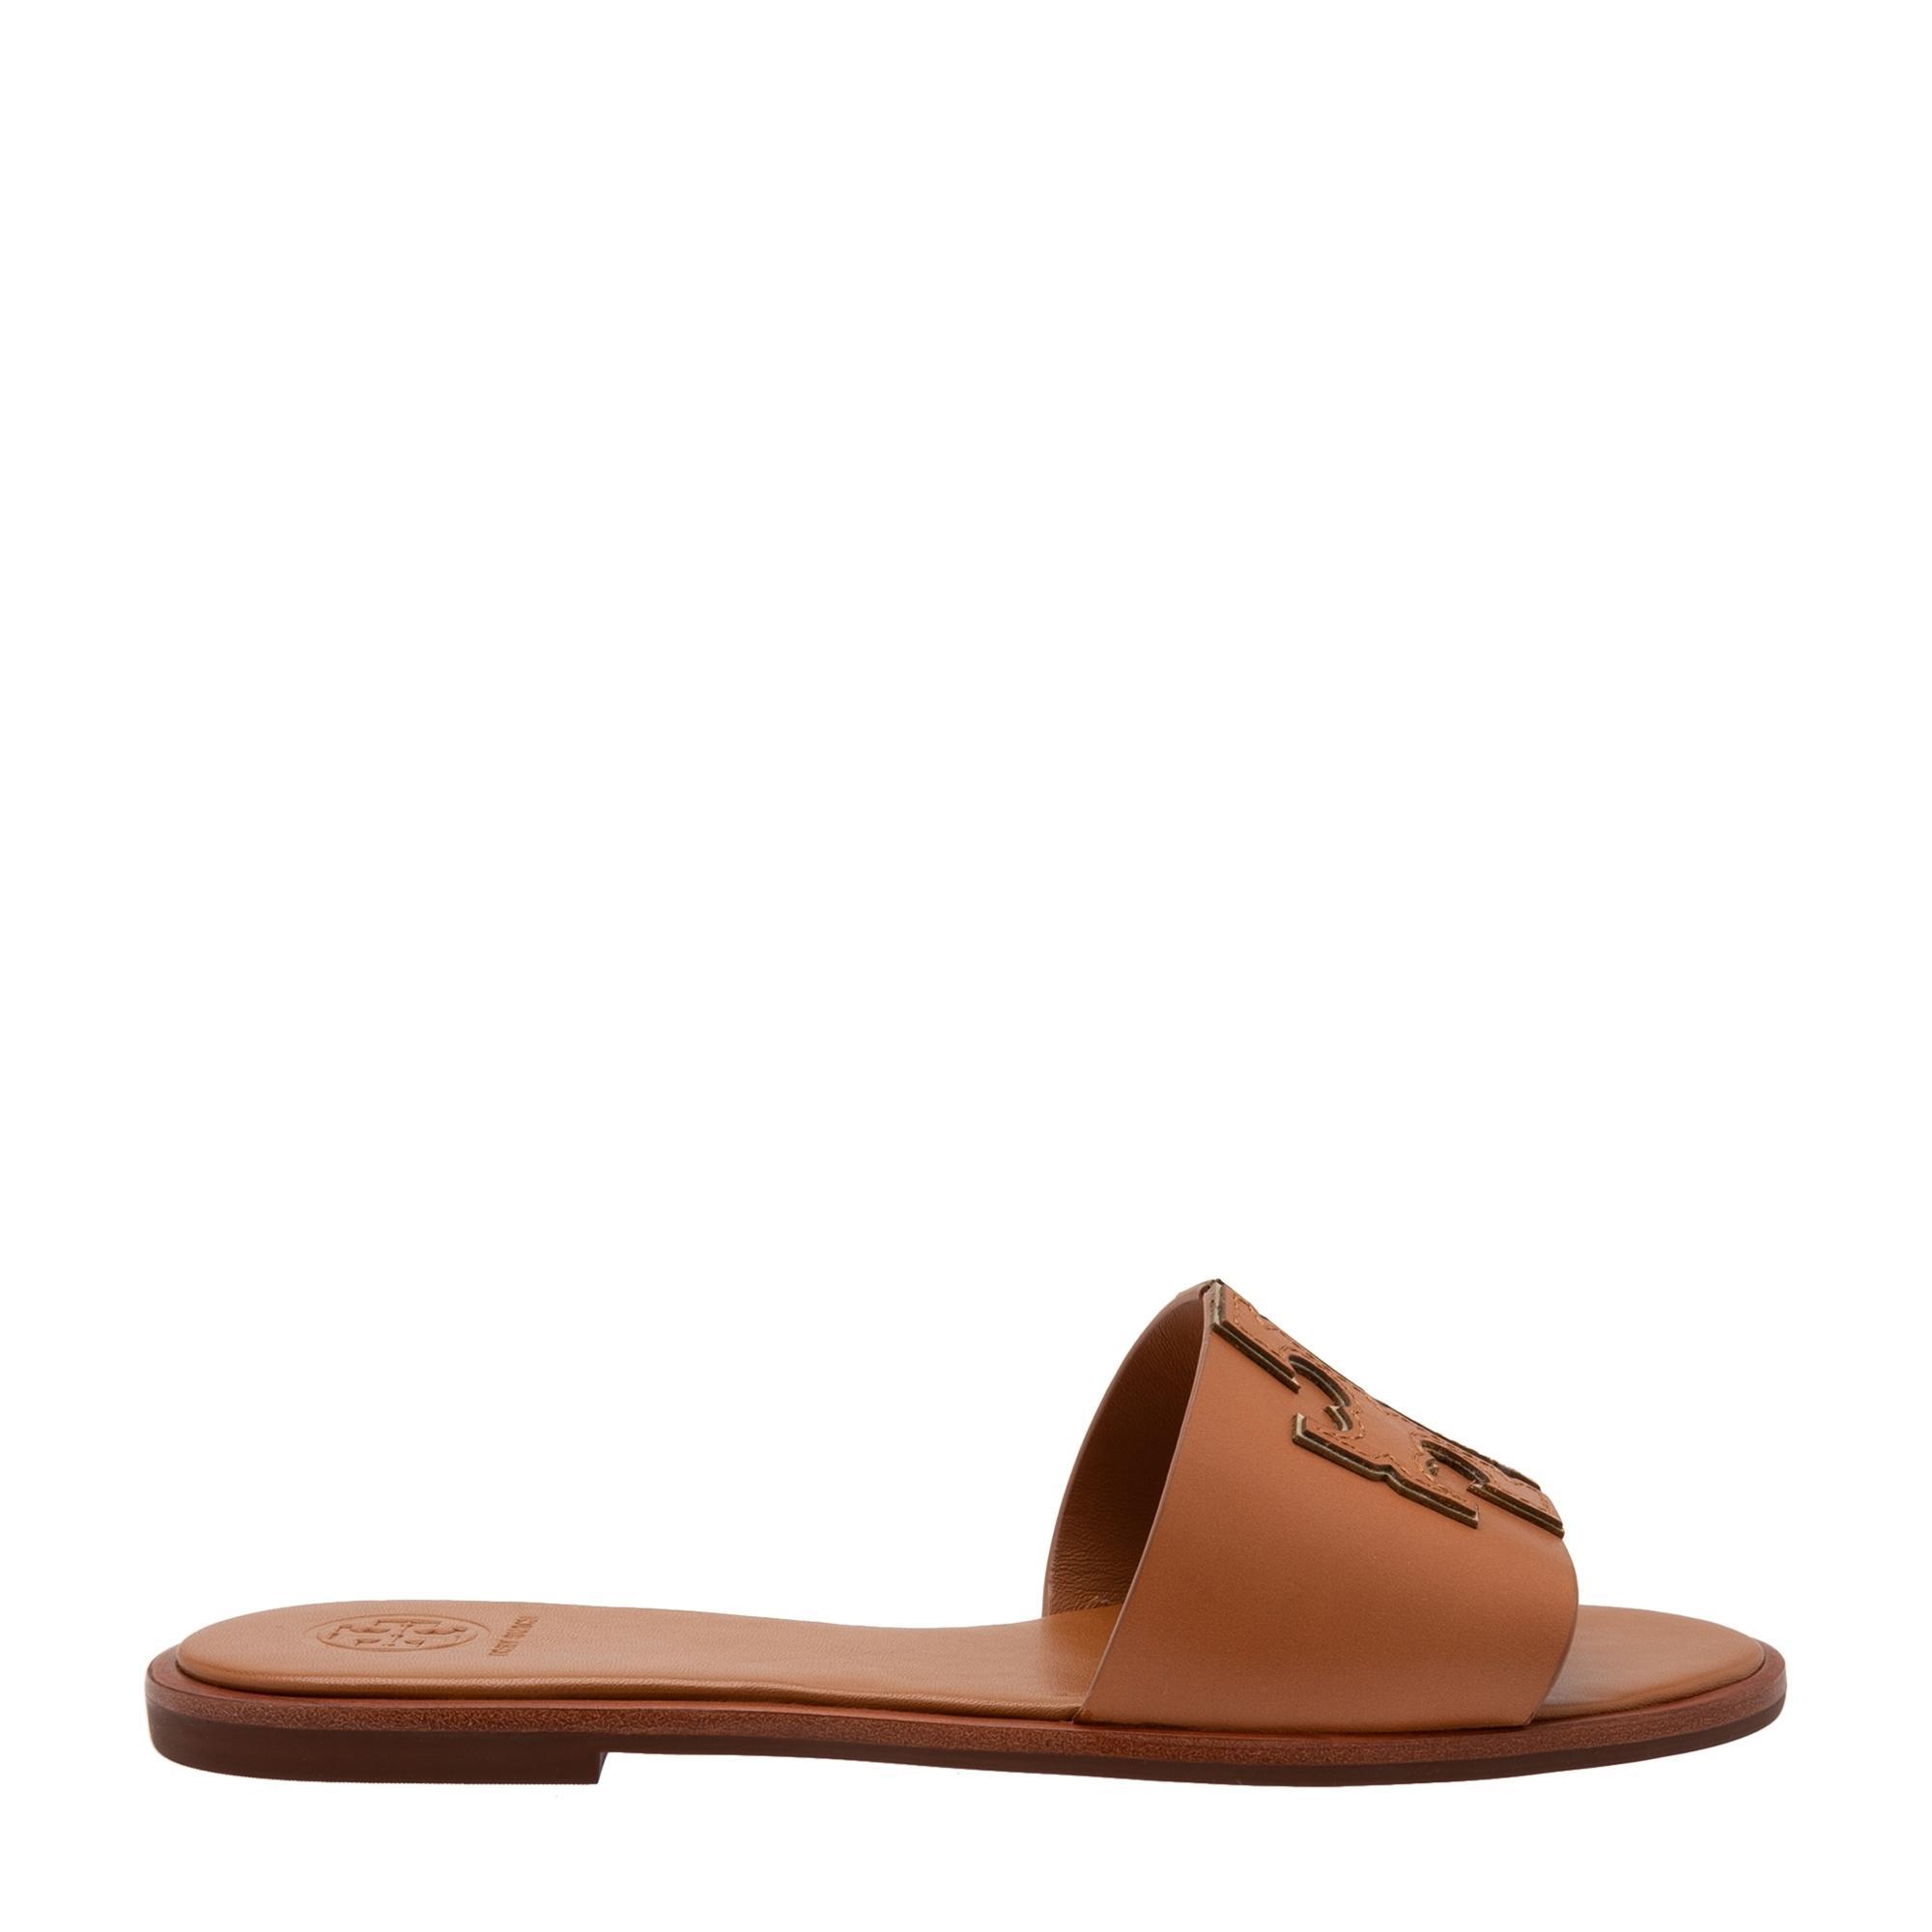 Ines sandals